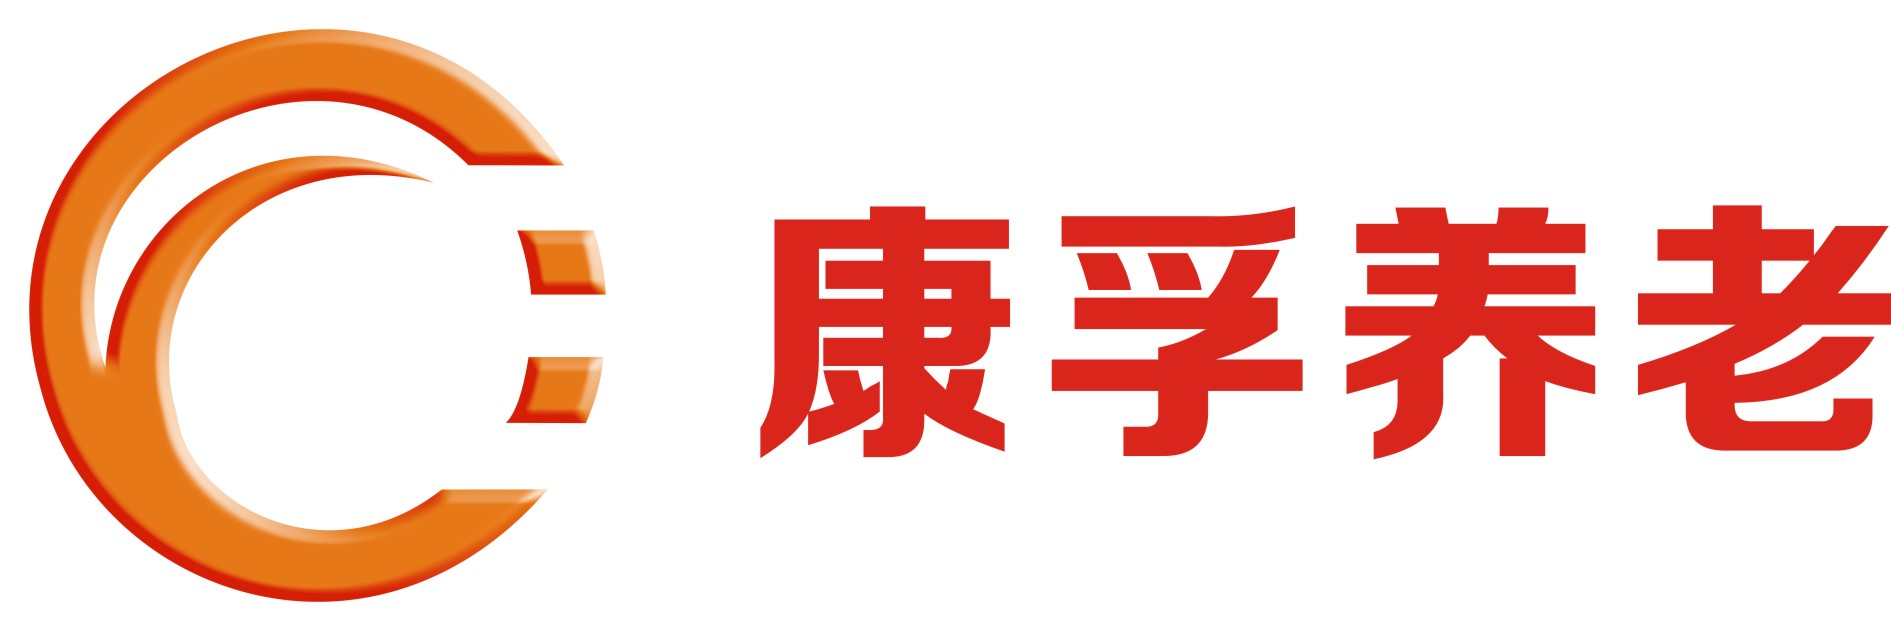 广州市?#30340;?#20859;老院有限公司logo